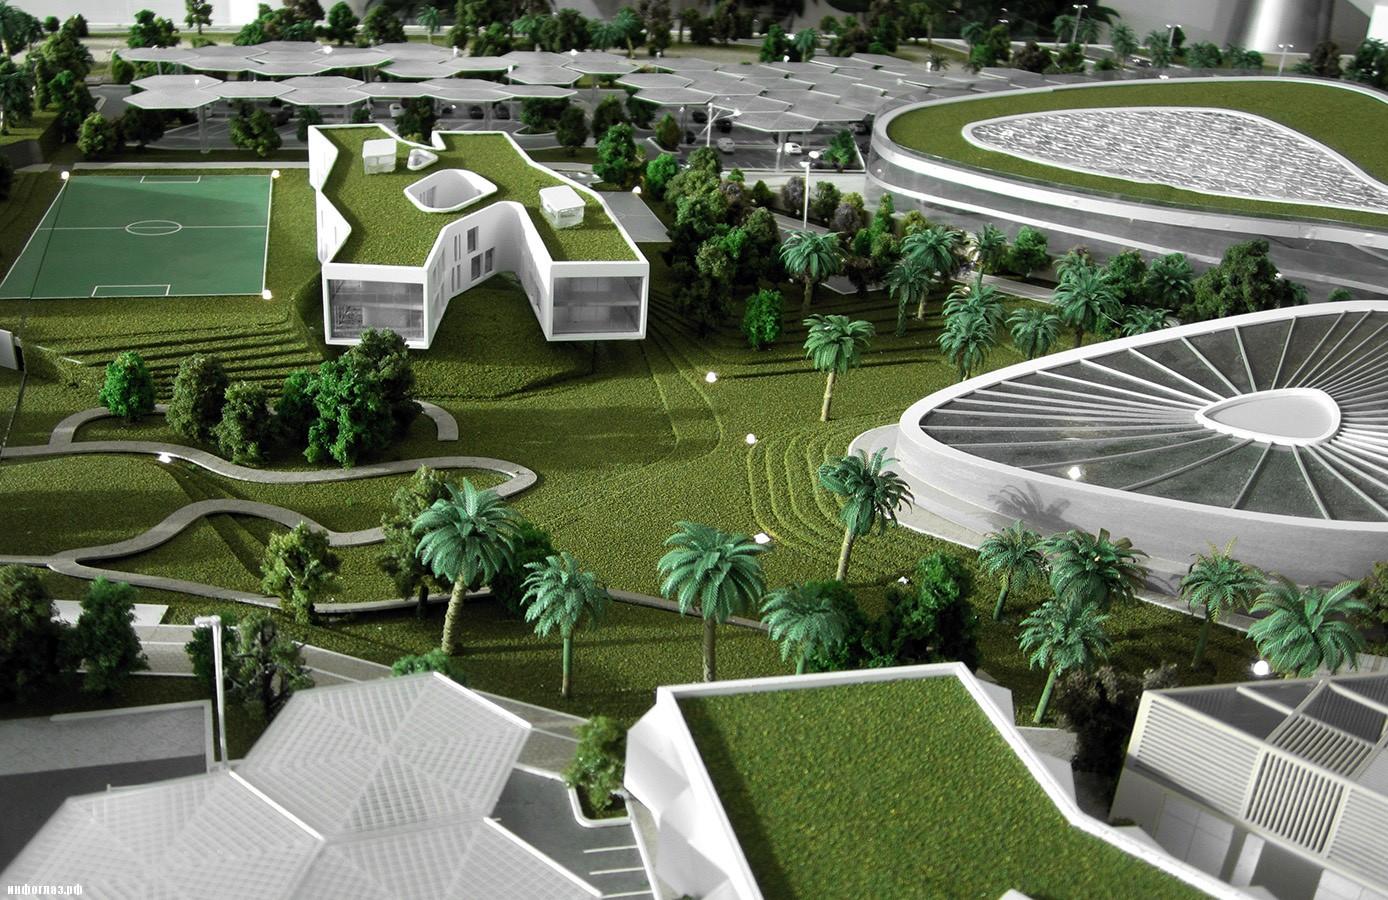 پایداری در معماری - sustainability in architecture